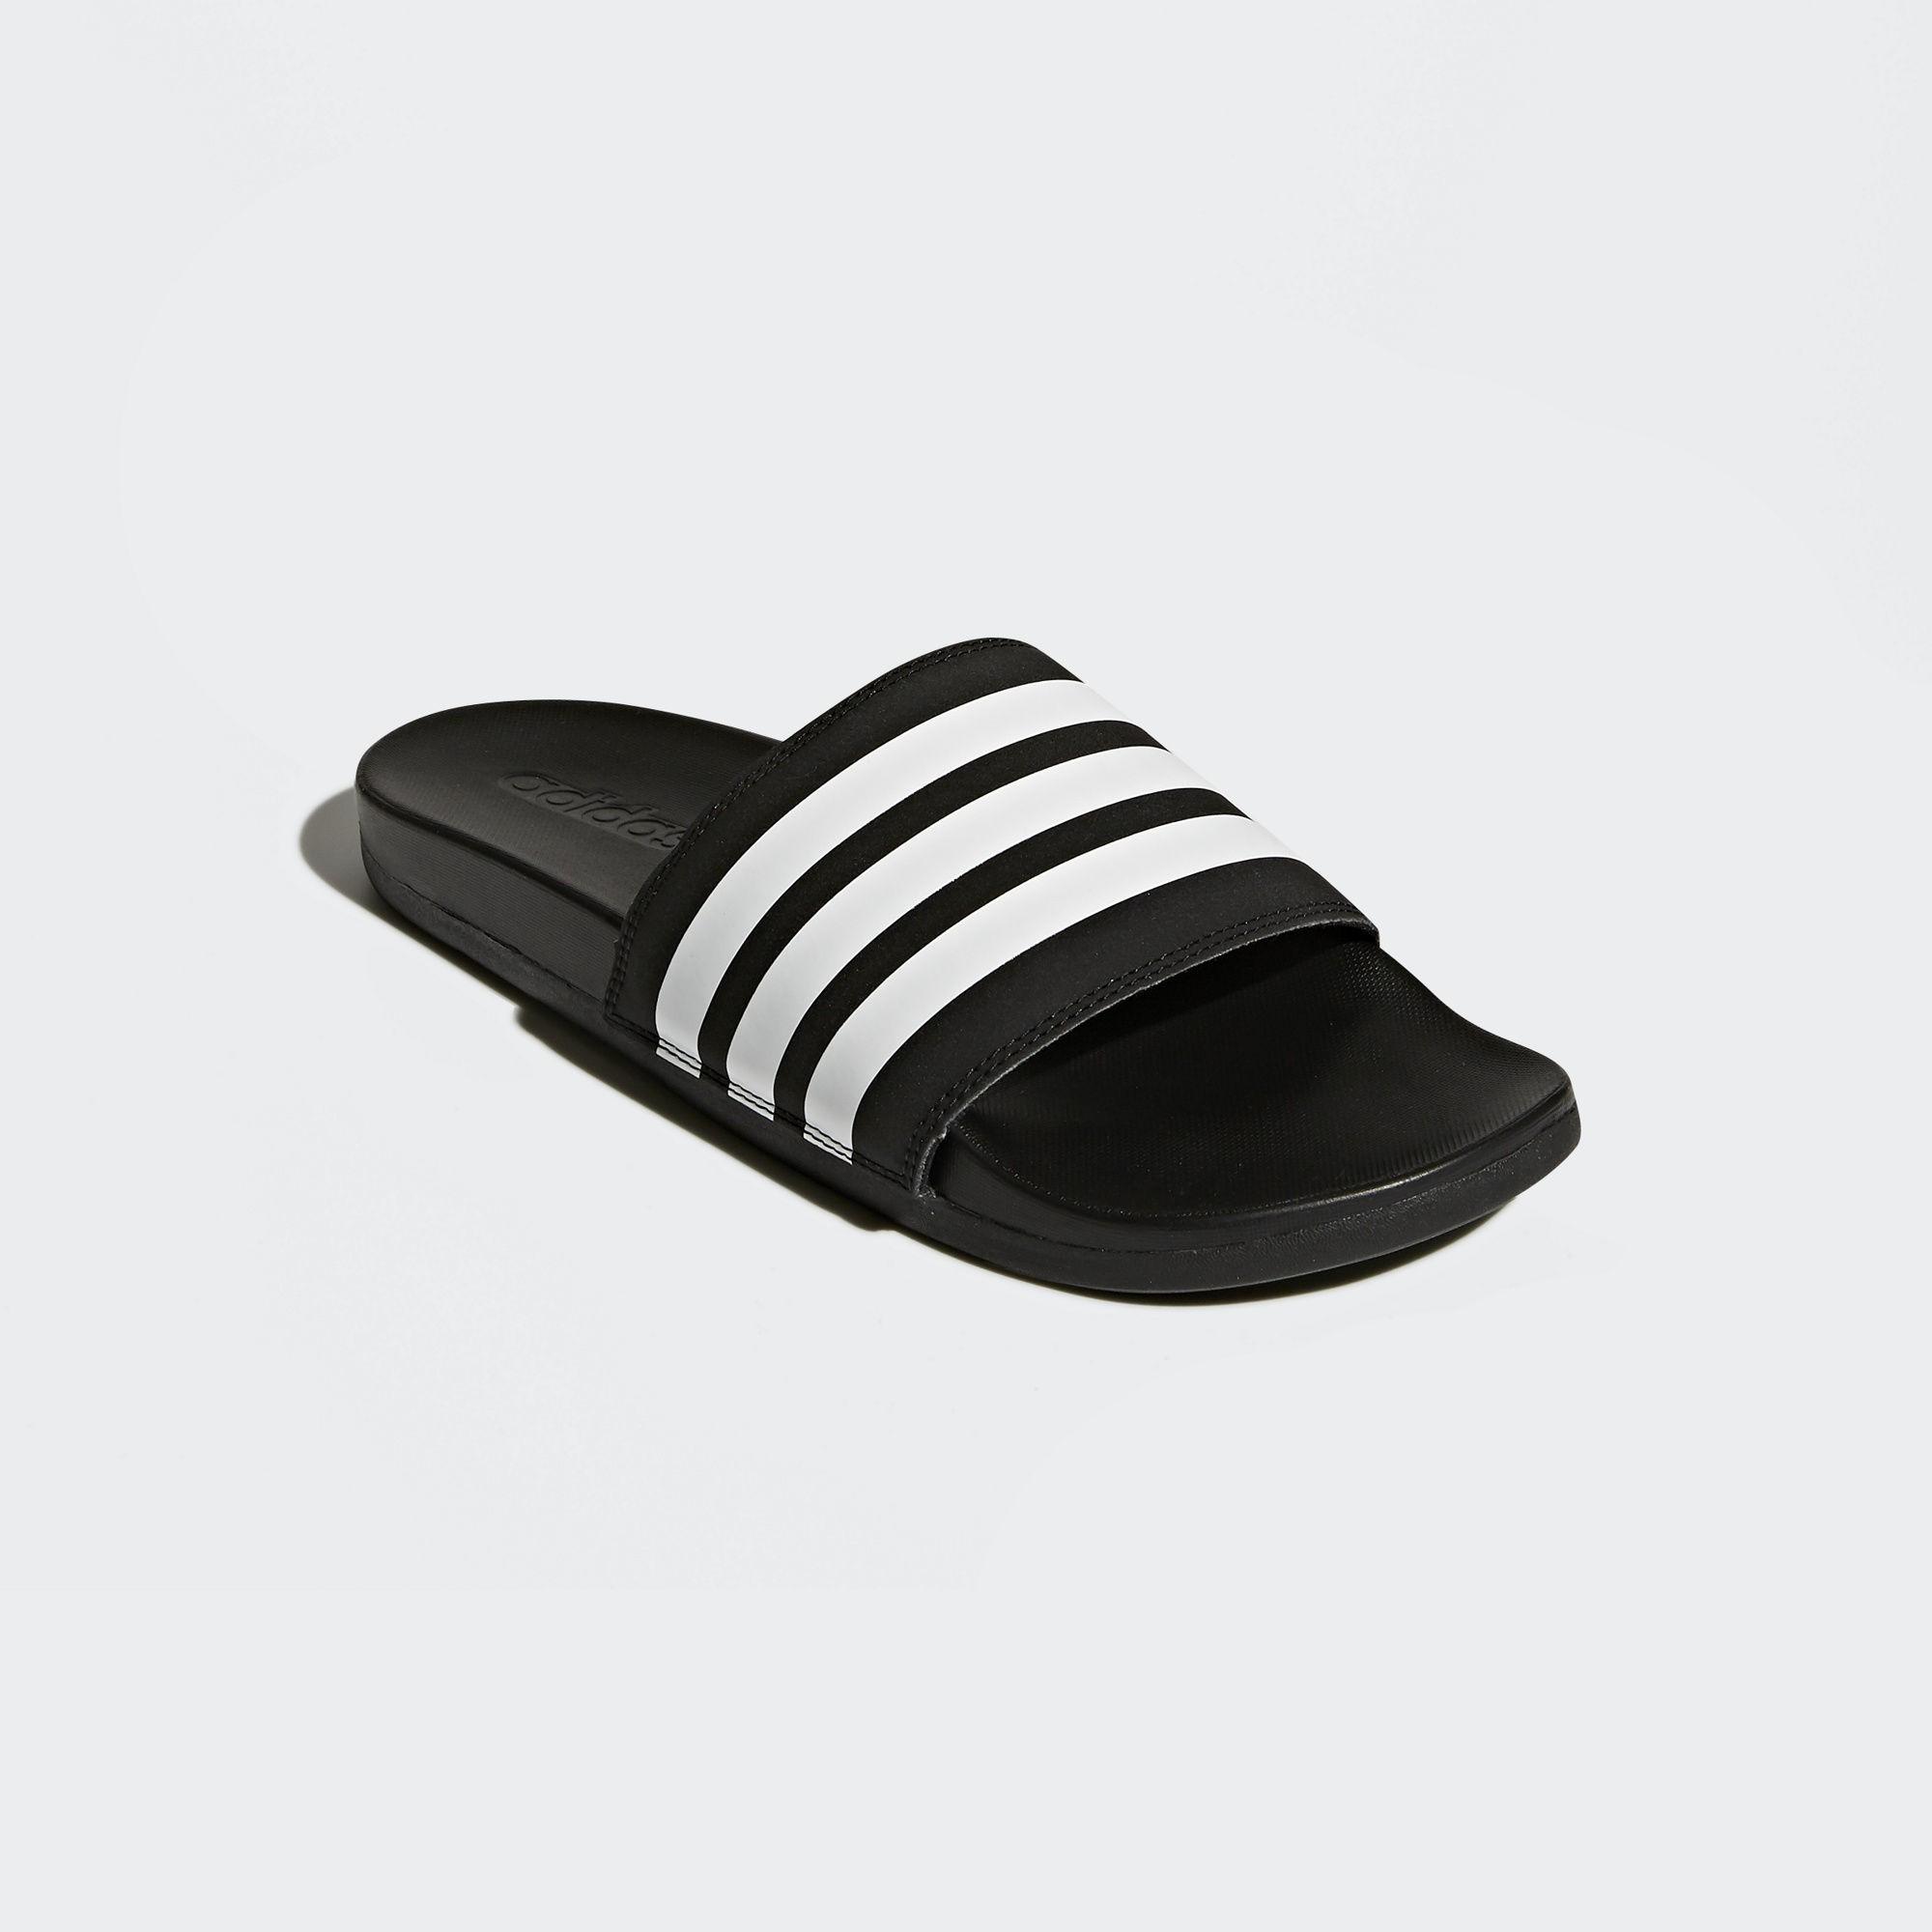 Afbeelding van Adidas Adilette comfort 038224 zwart